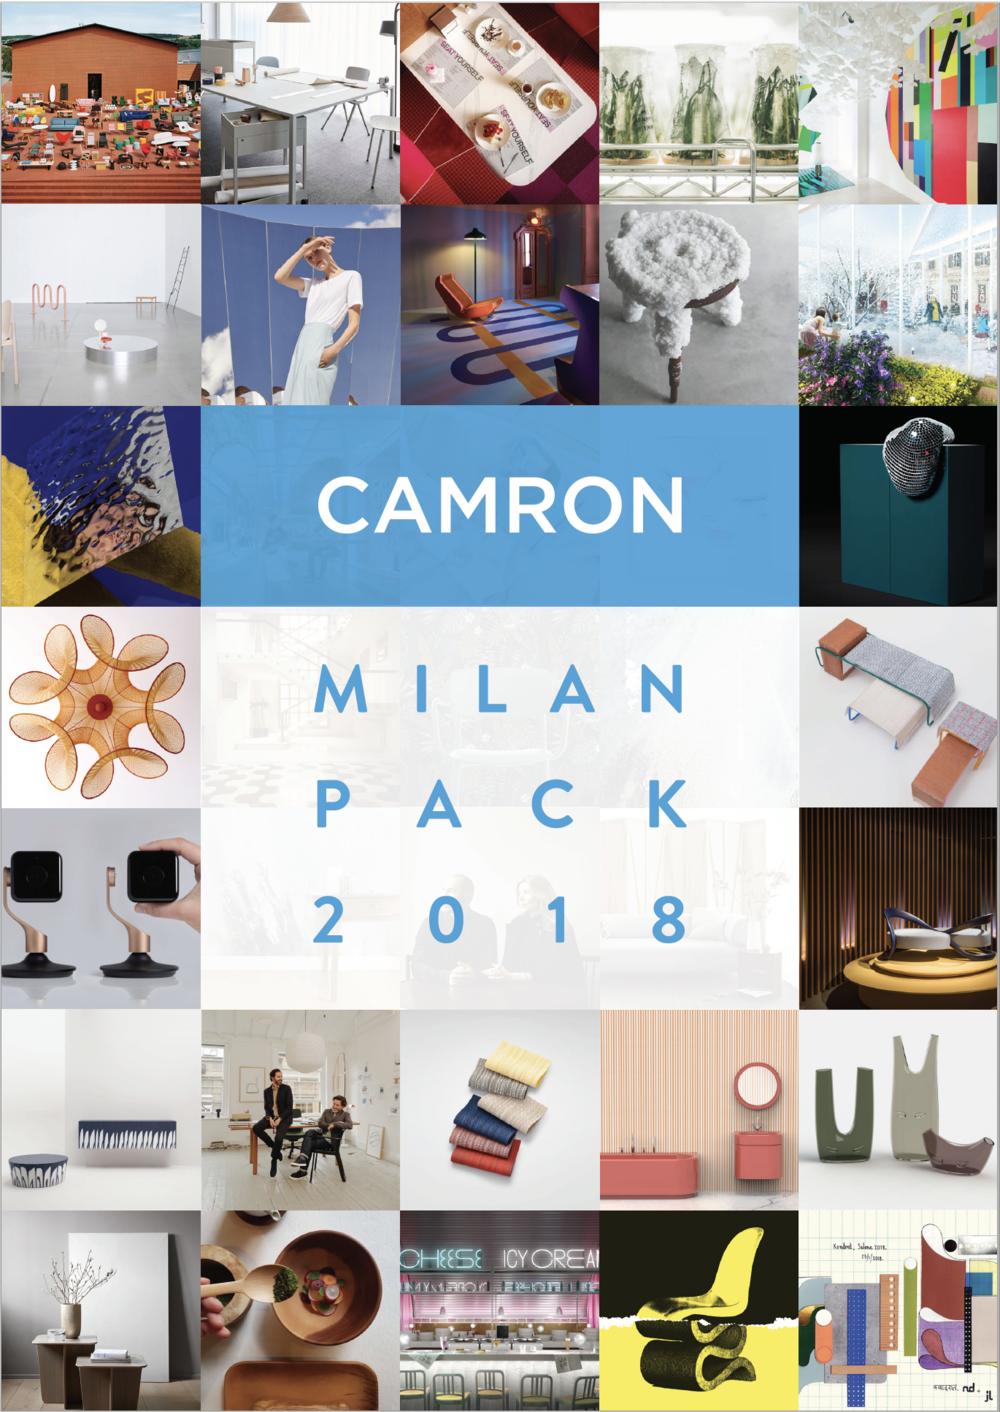 Camron Milan Pack April 2018